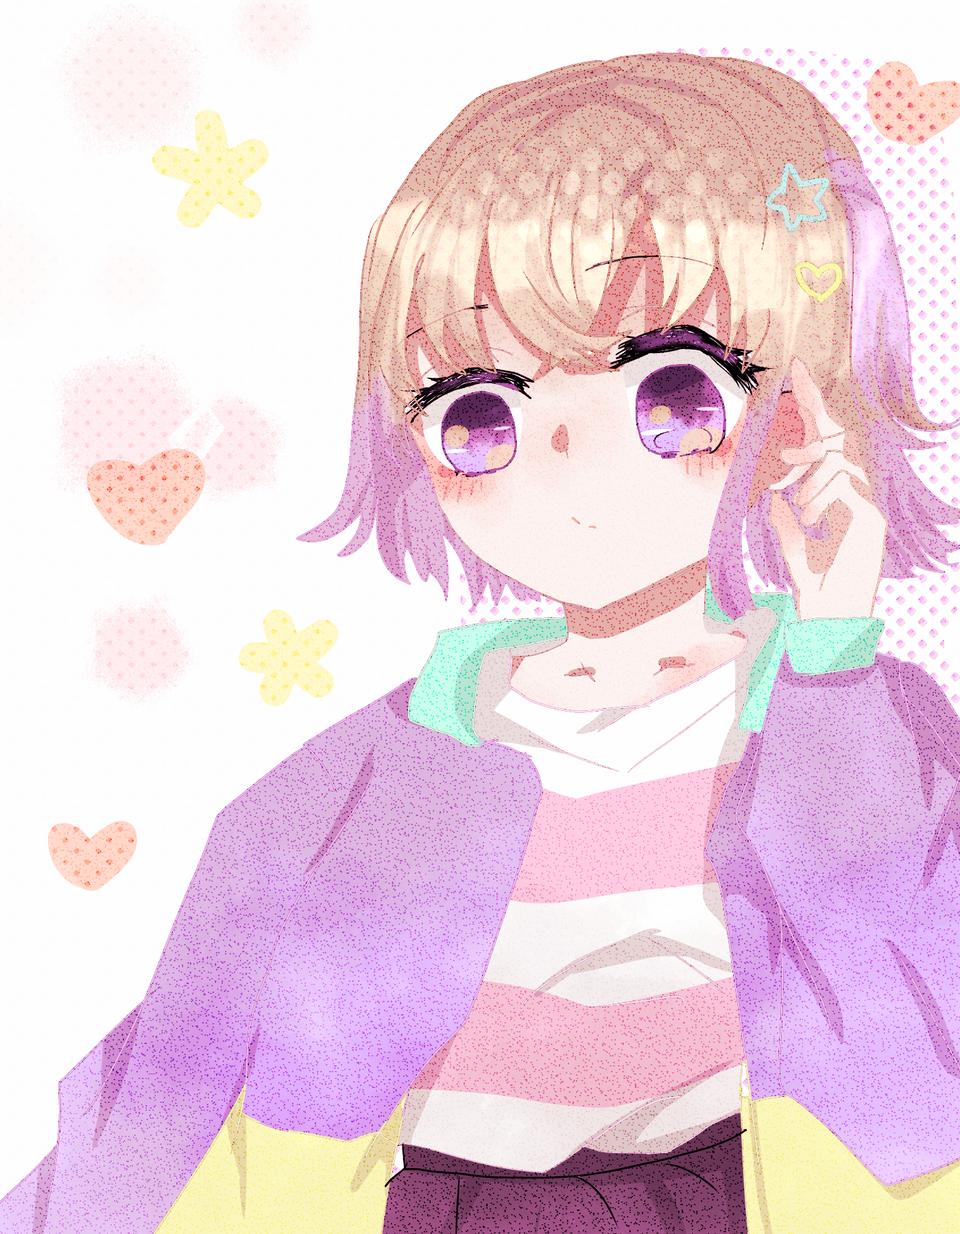 ゆったんのイラストリメイク?°˖✧◝(⁰▿⁰)◜✧˖° Illust of Kaede0118* Whereabouts art* パステルカラー girl @YUTTAN色 リメイク